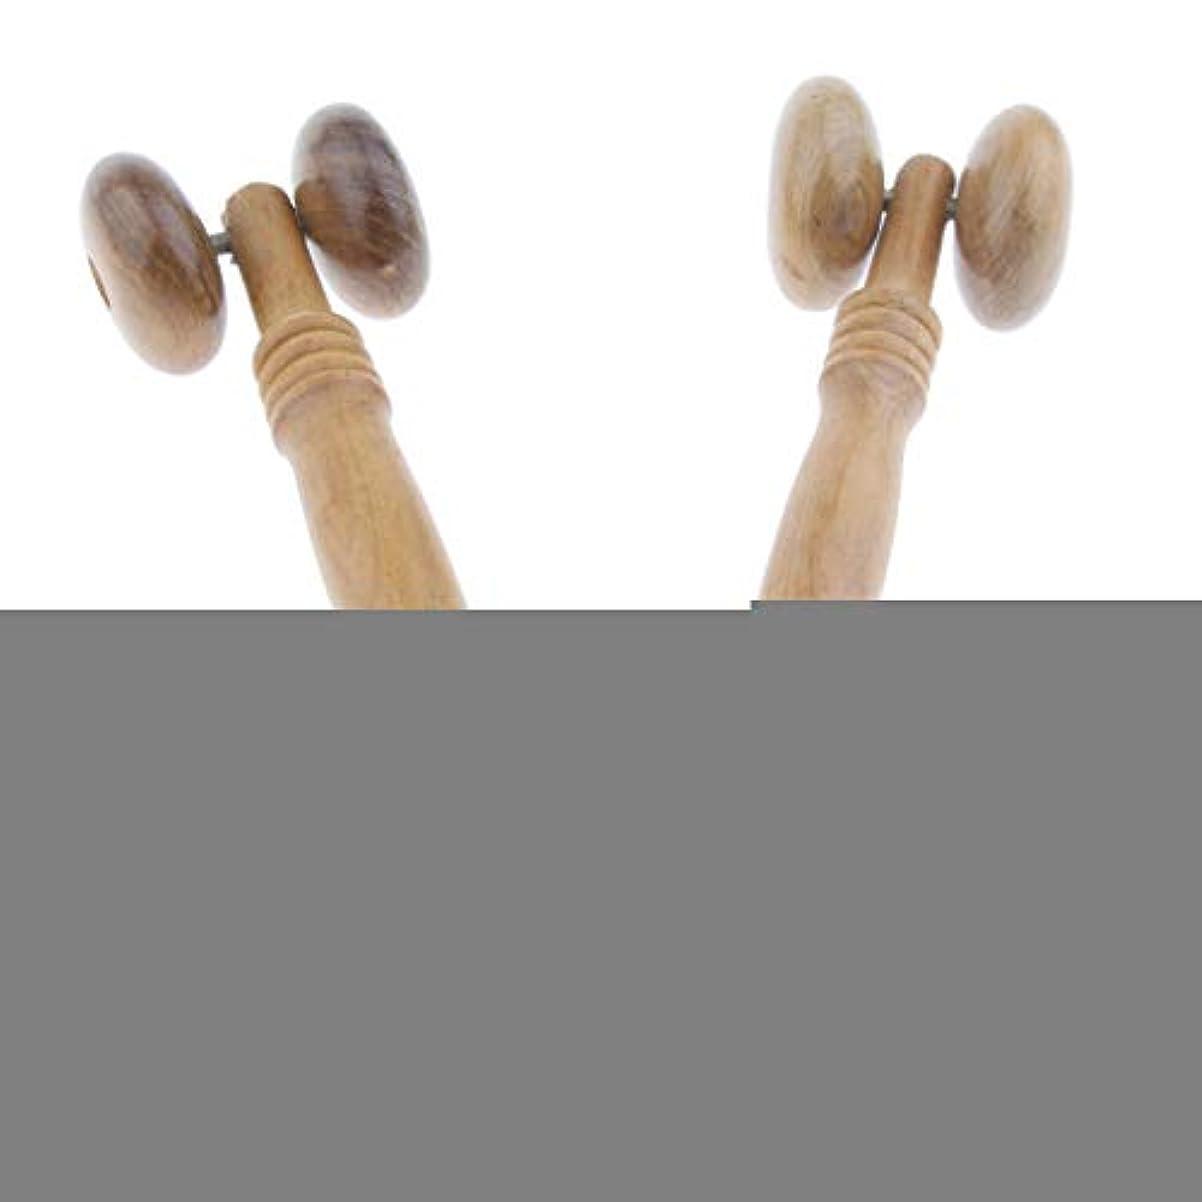 葉寄稿者気づくなるdailymall 美顔ローラー 木製フェイスローラー 手動式 小顔ローラー 背中 マッサージ 筋肉のたるみ 2個セット